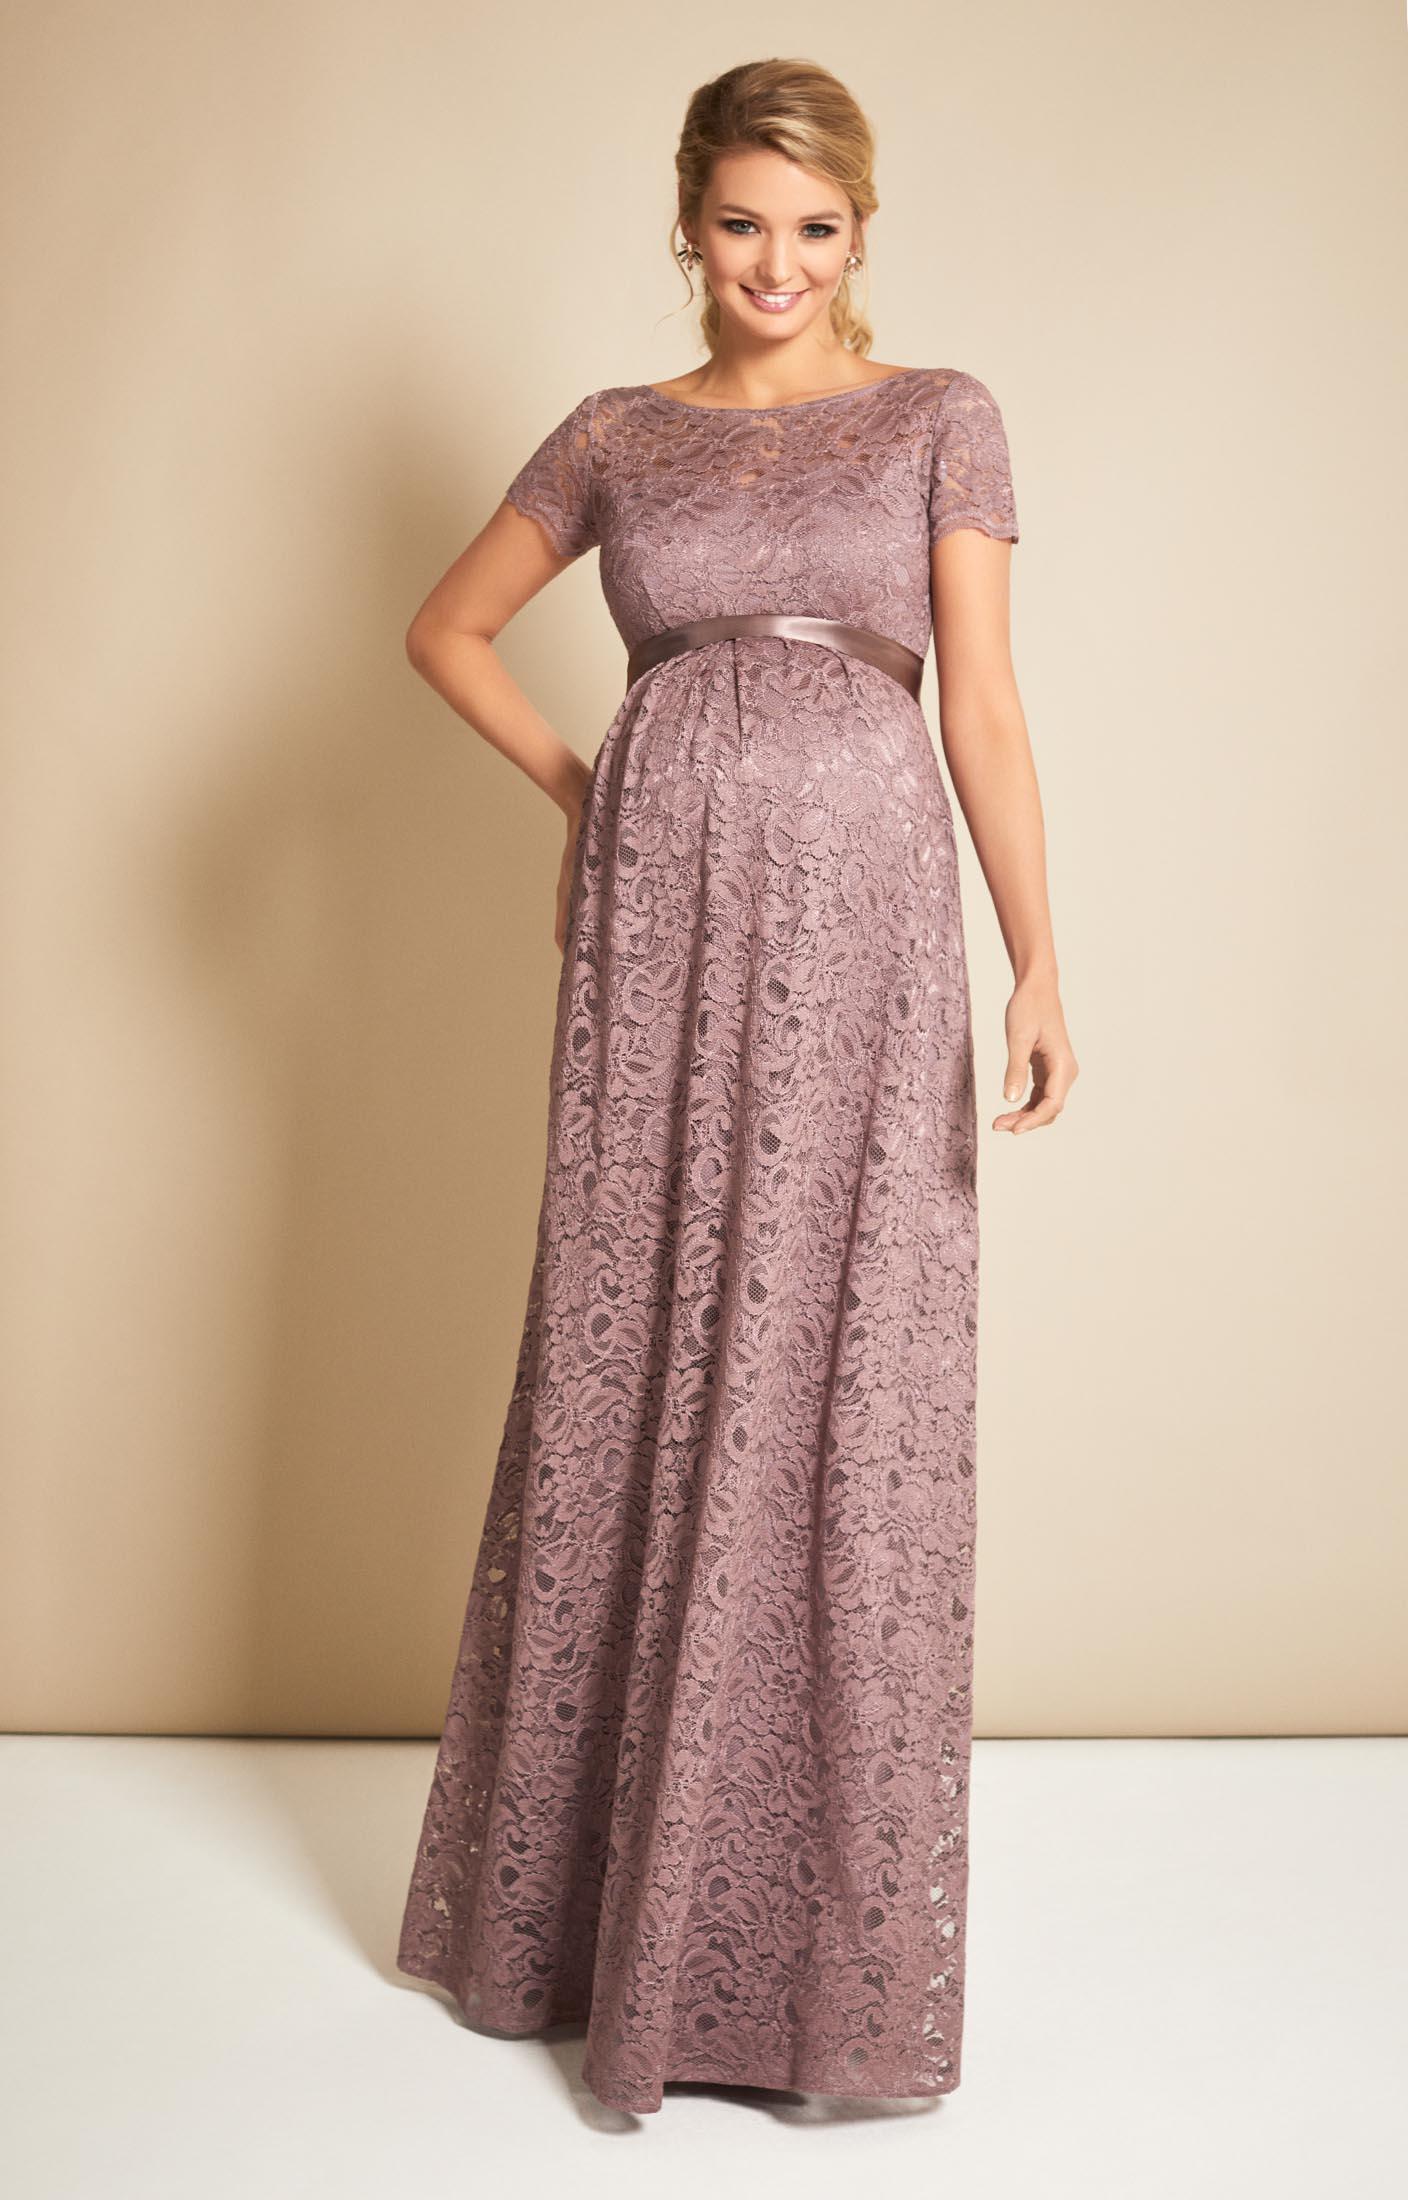 Penlope Spitzen Abendkleid in Vintage Violet